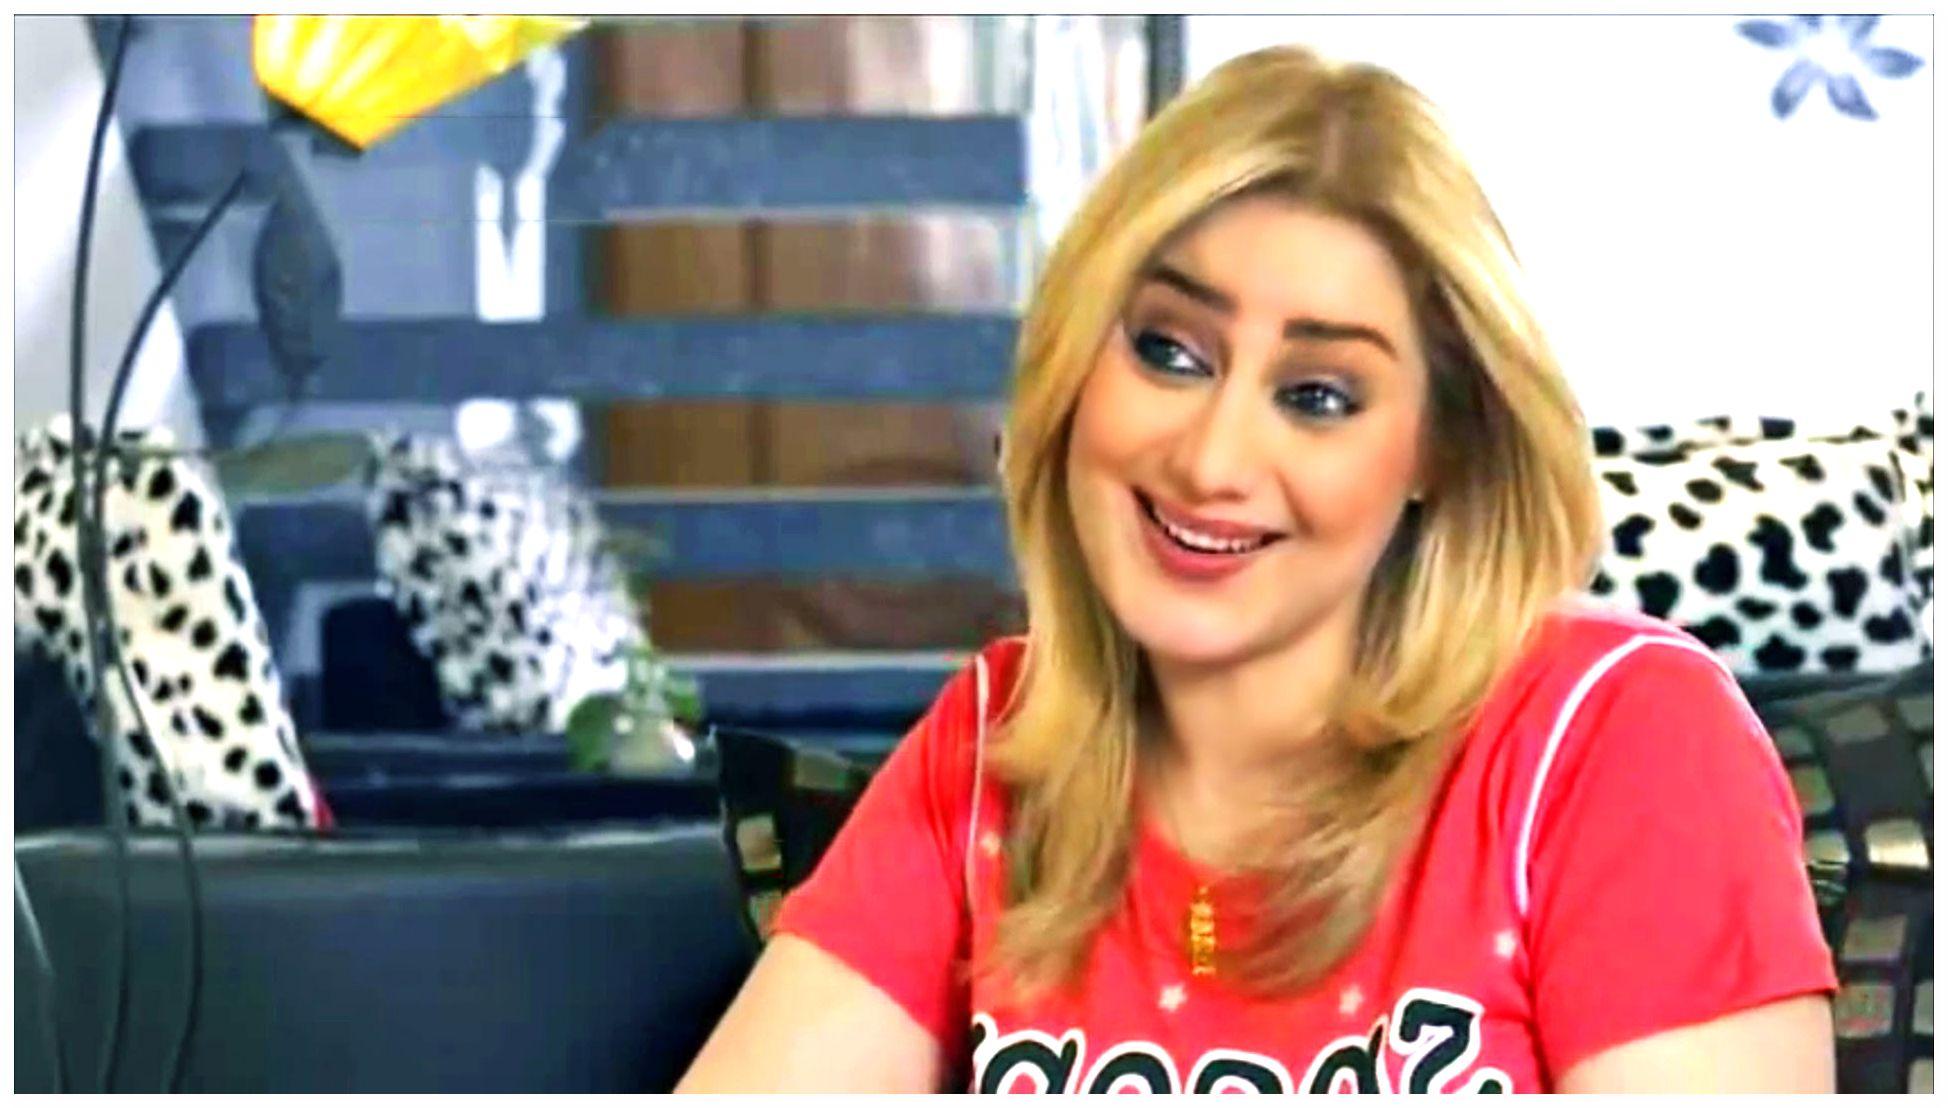 زهور علاء - الممثلة العراقية